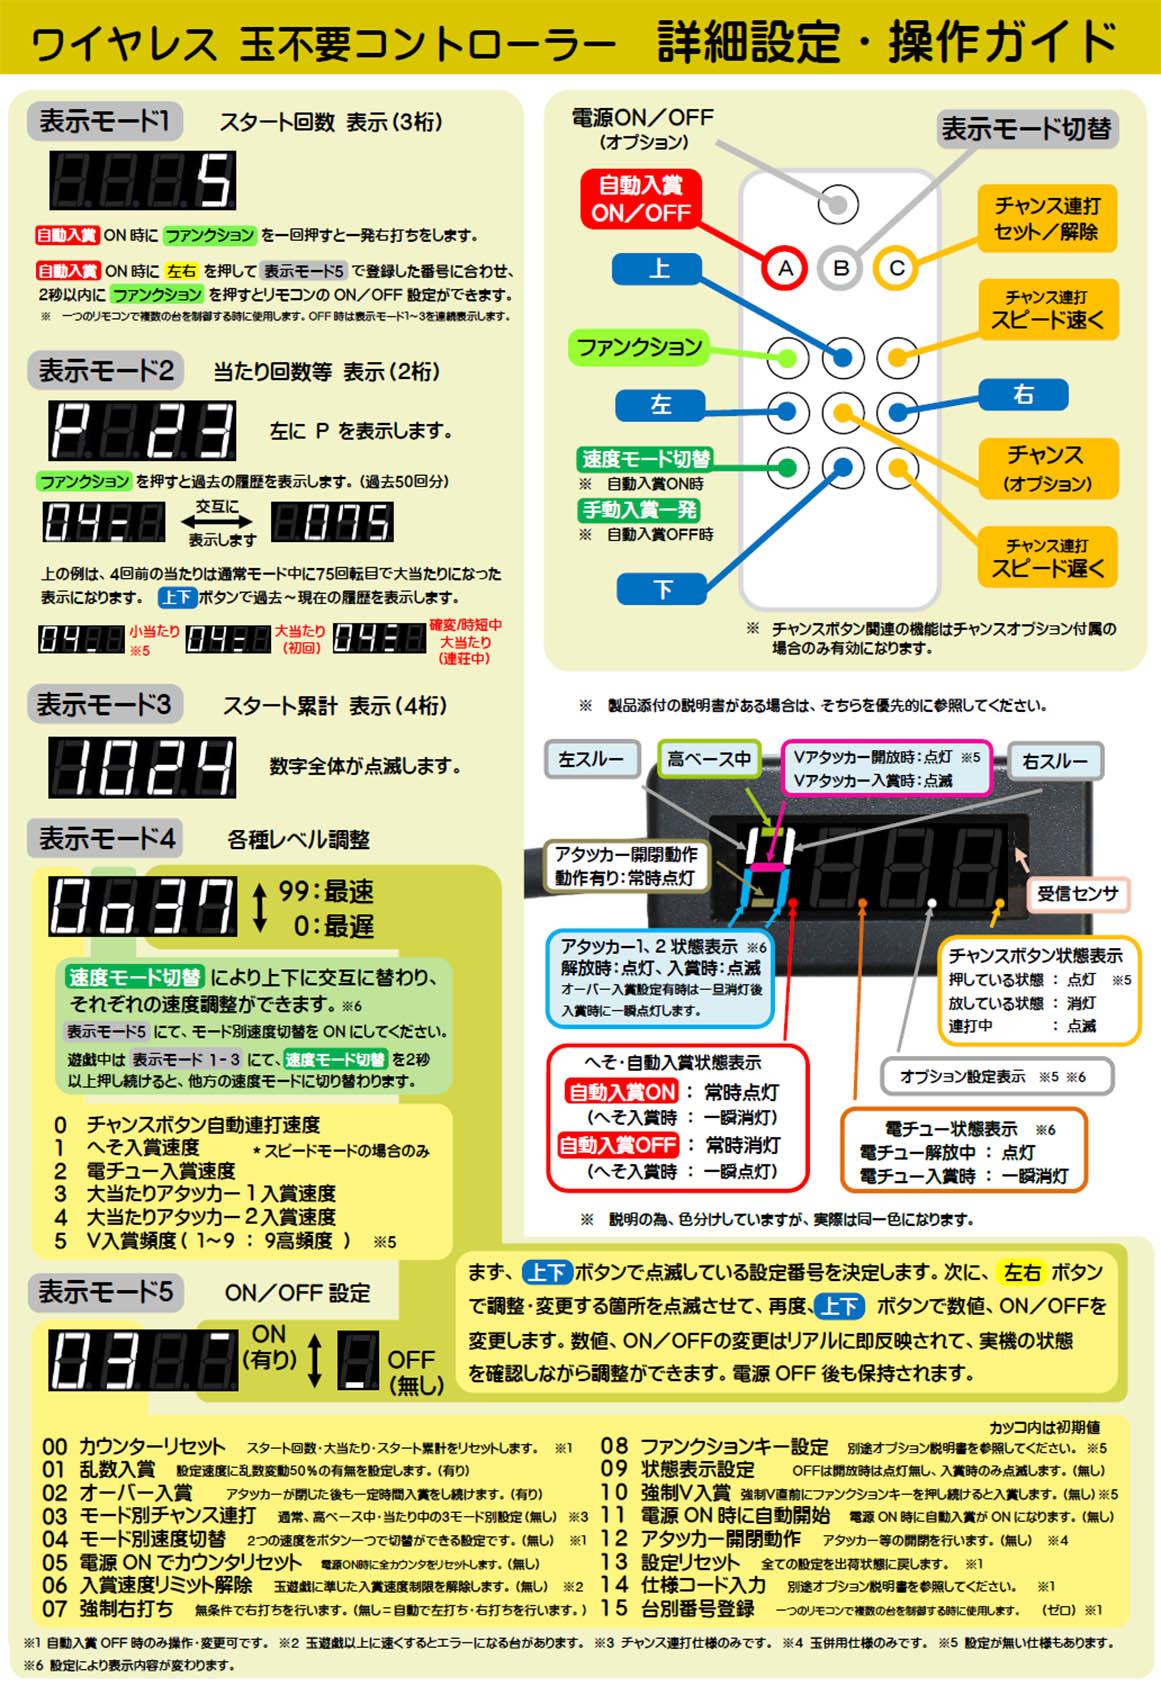 ワイヤレスコントローラー説明2